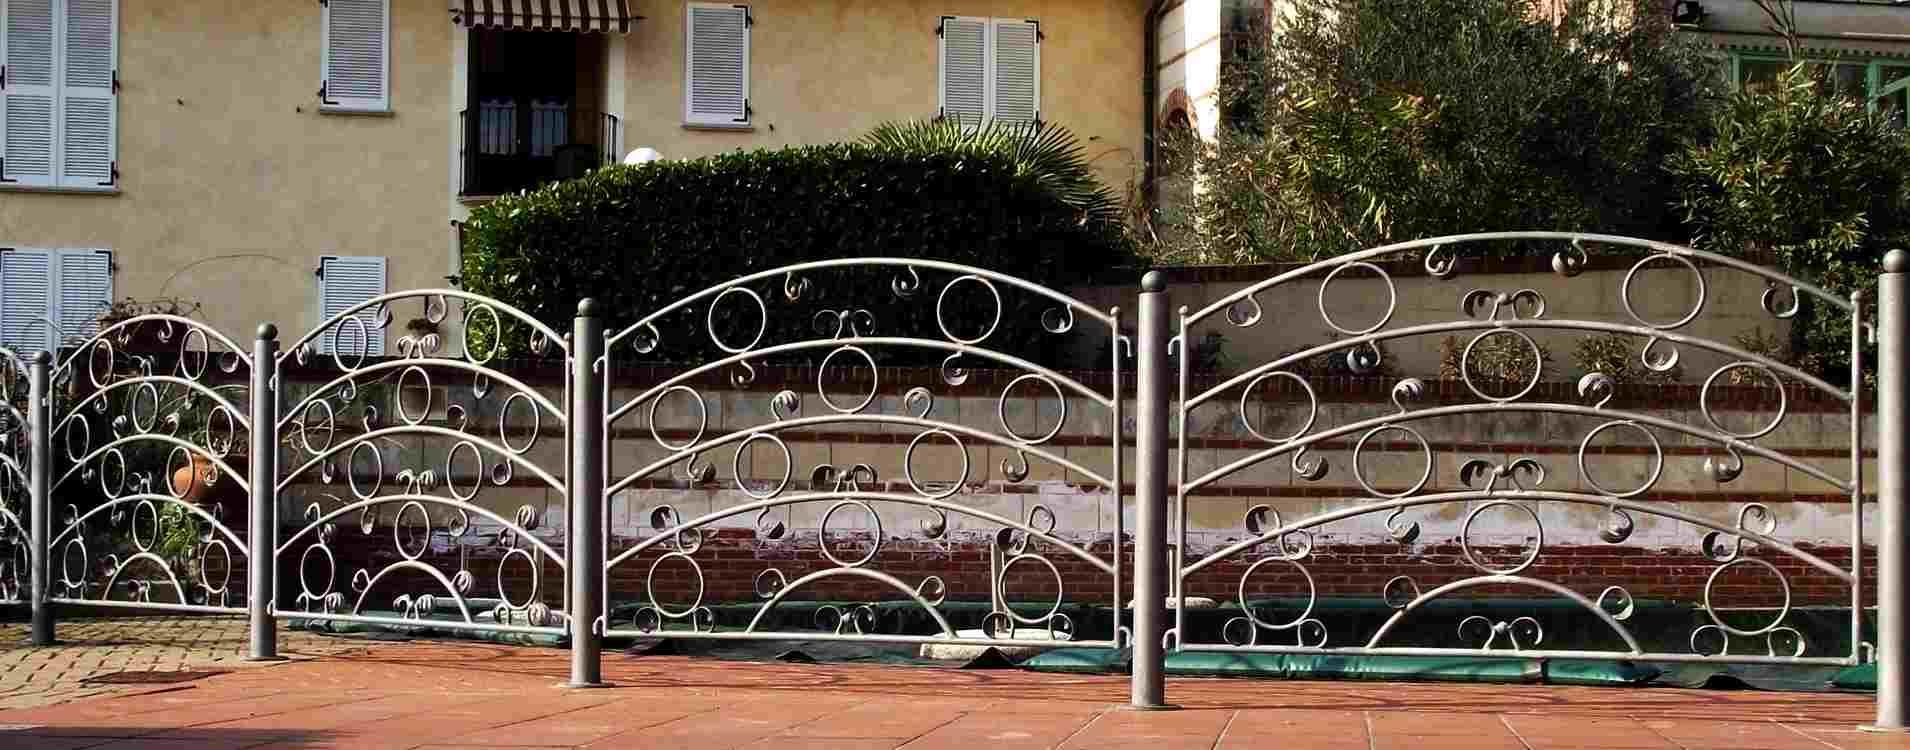 Cancelli Casale monferrato